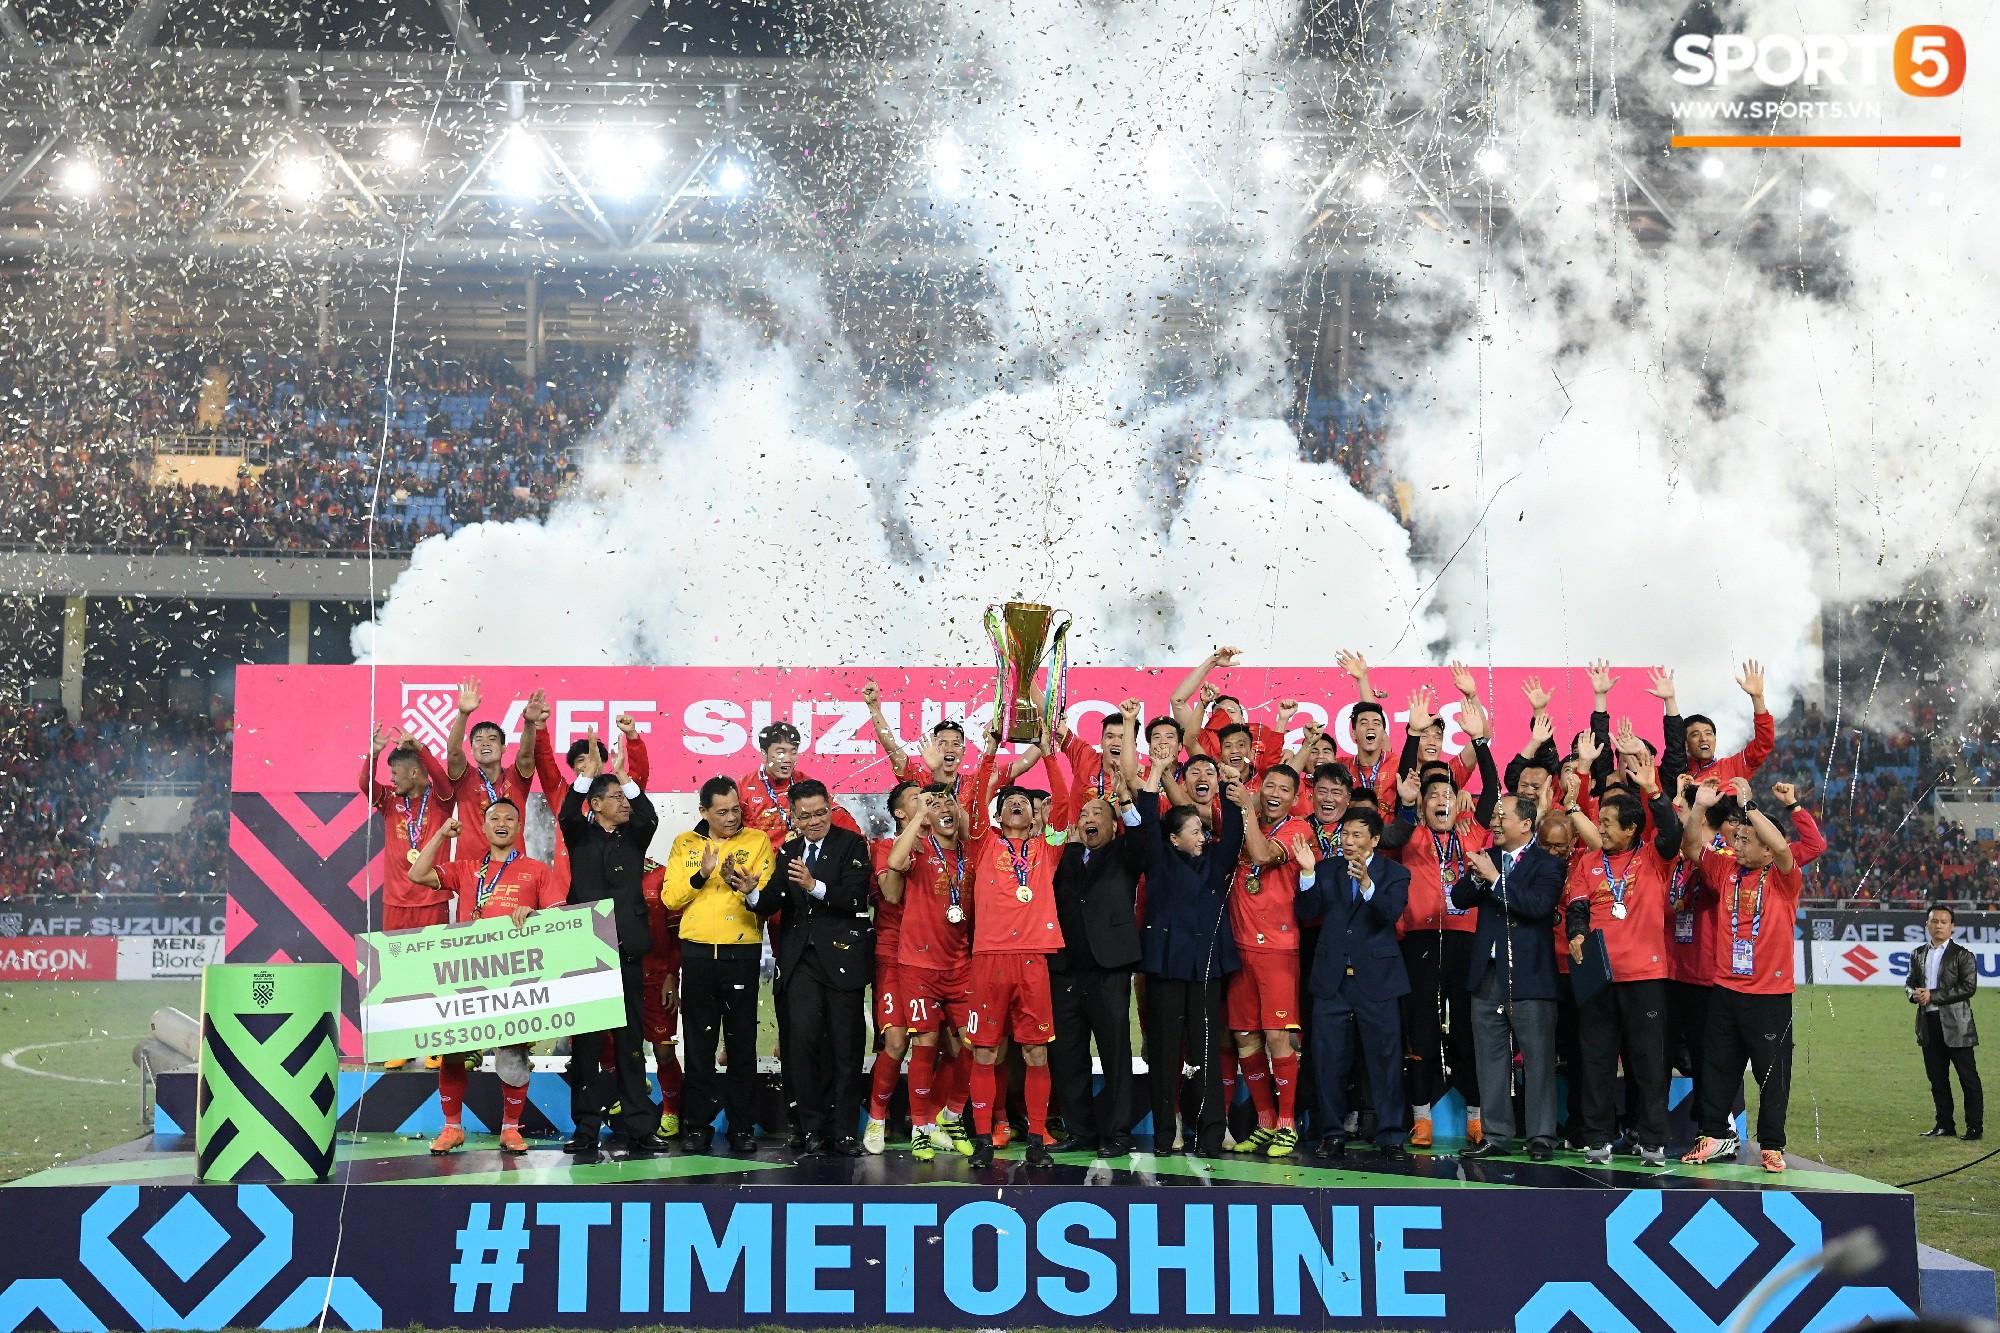 Hành trình kỳ diệu của bóng đá Việt Nam trong năm 2018 qua ảnh-30